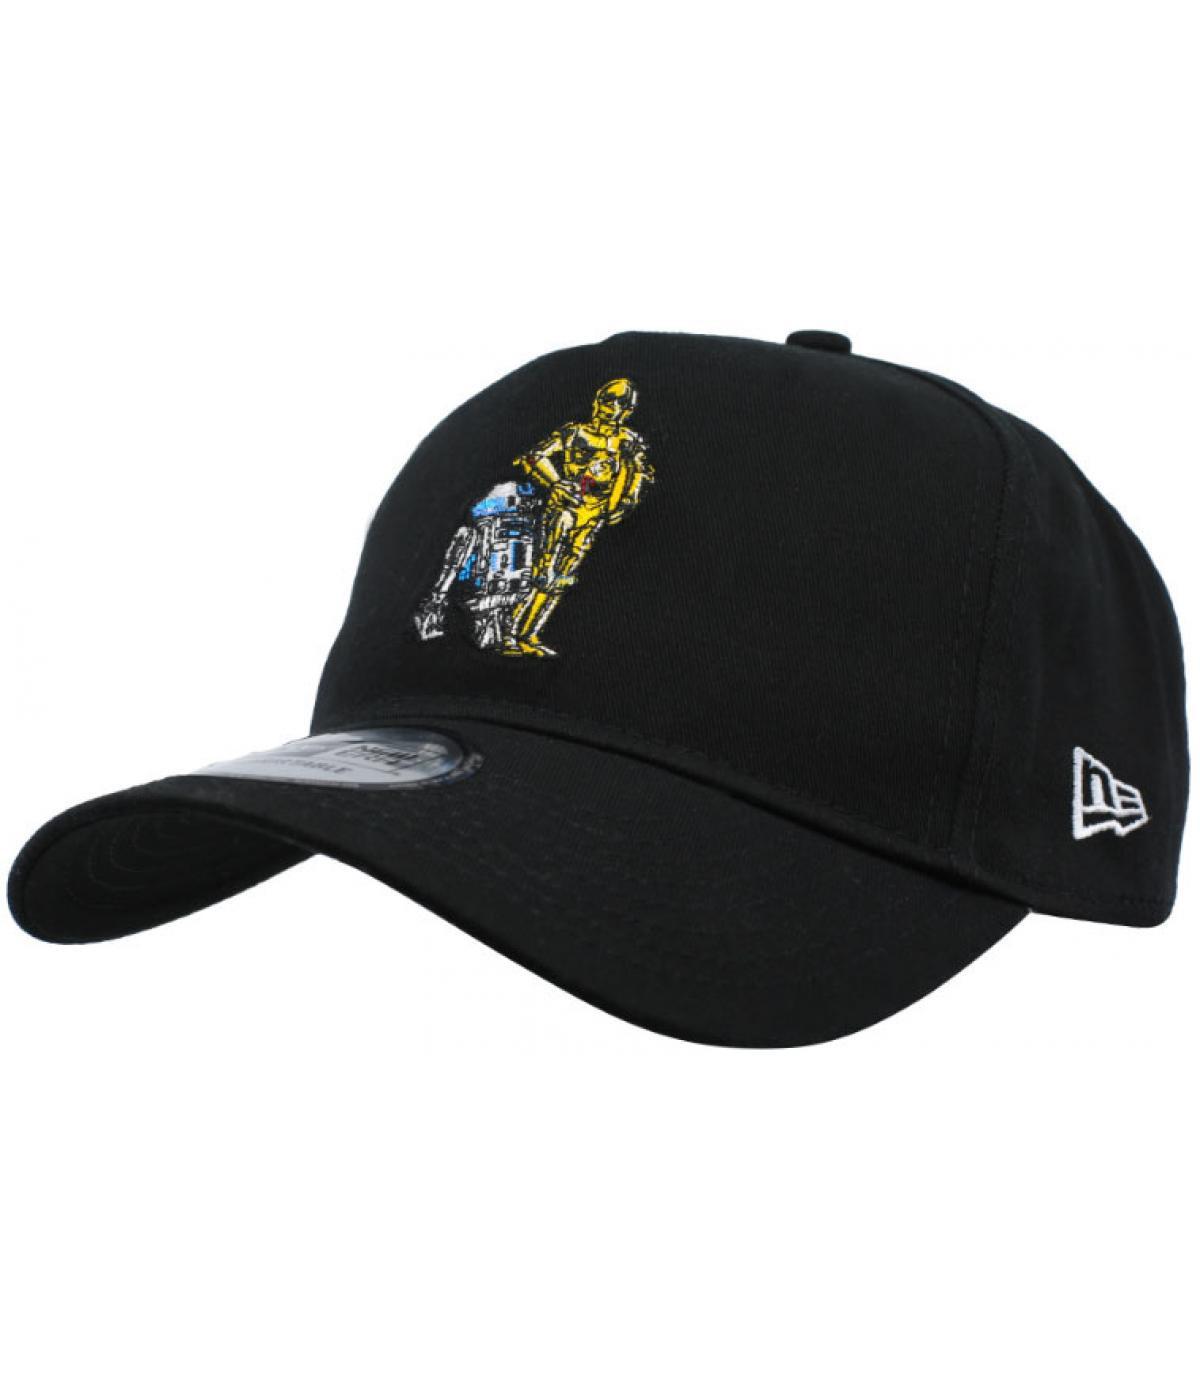 Star Wars Droid Black Cap